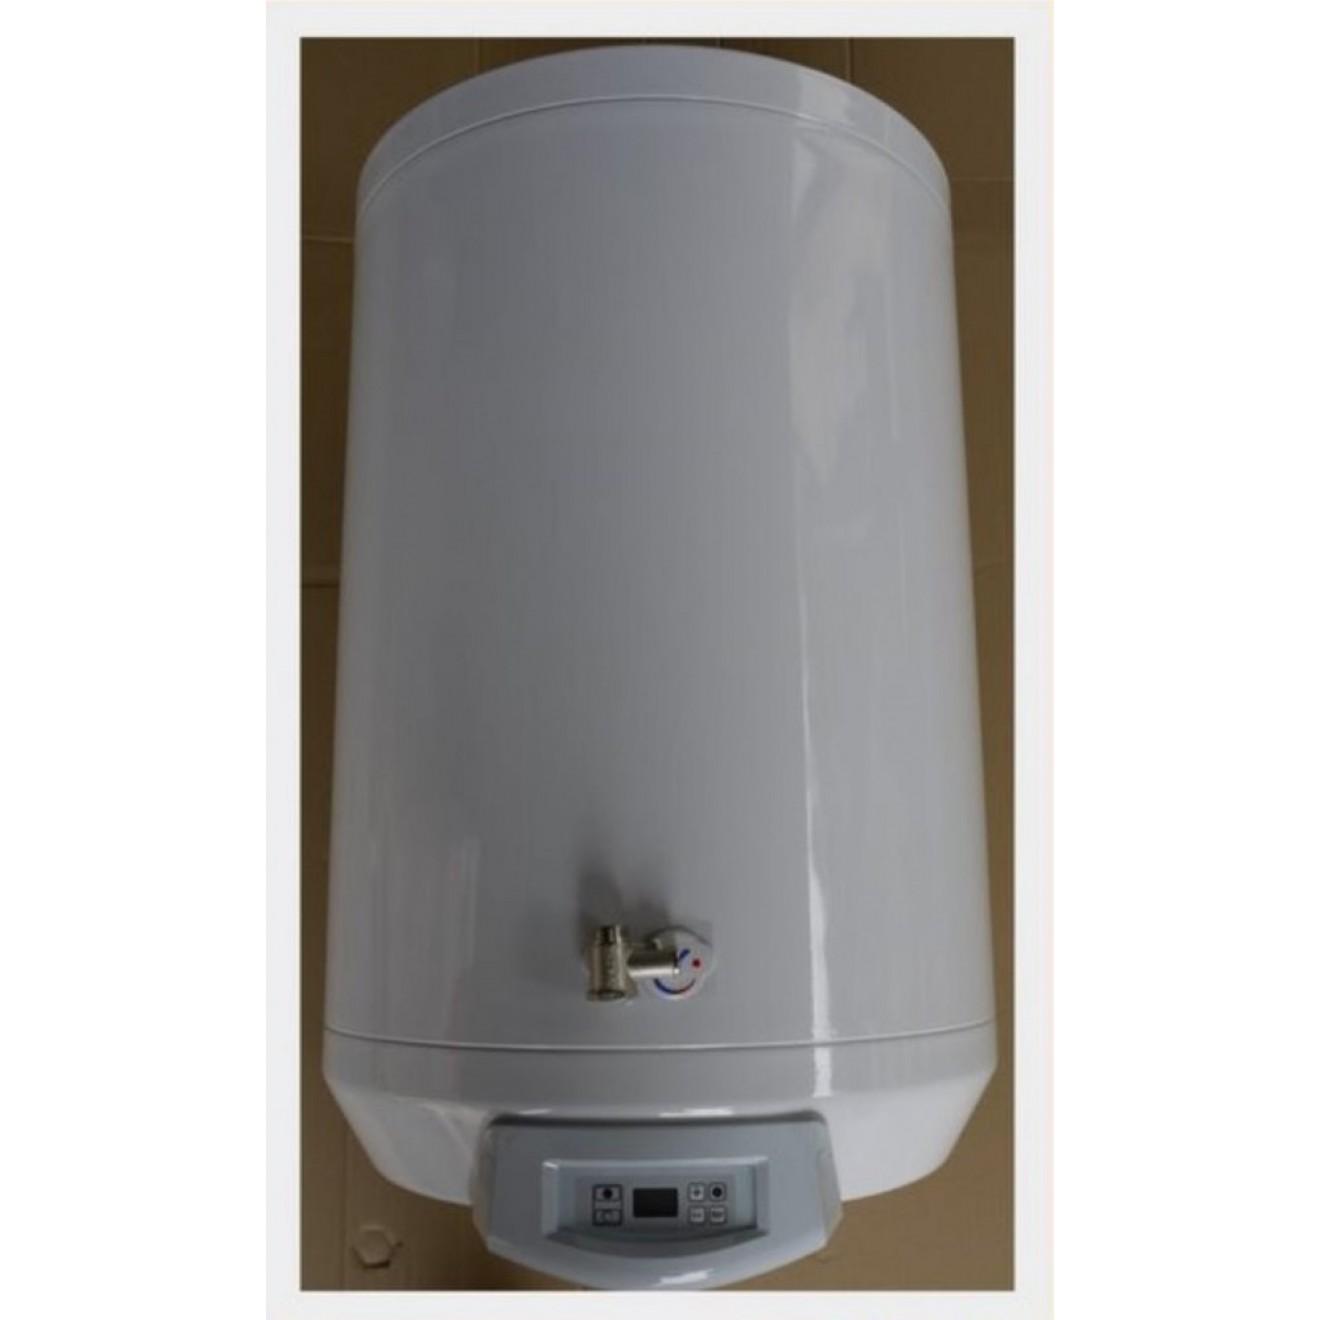 100 l liter 3 kw heizleistung elektro warmwasserspeicher boiler wandh ngend anodentester 32 mm. Black Bedroom Furniture Sets. Home Design Ideas